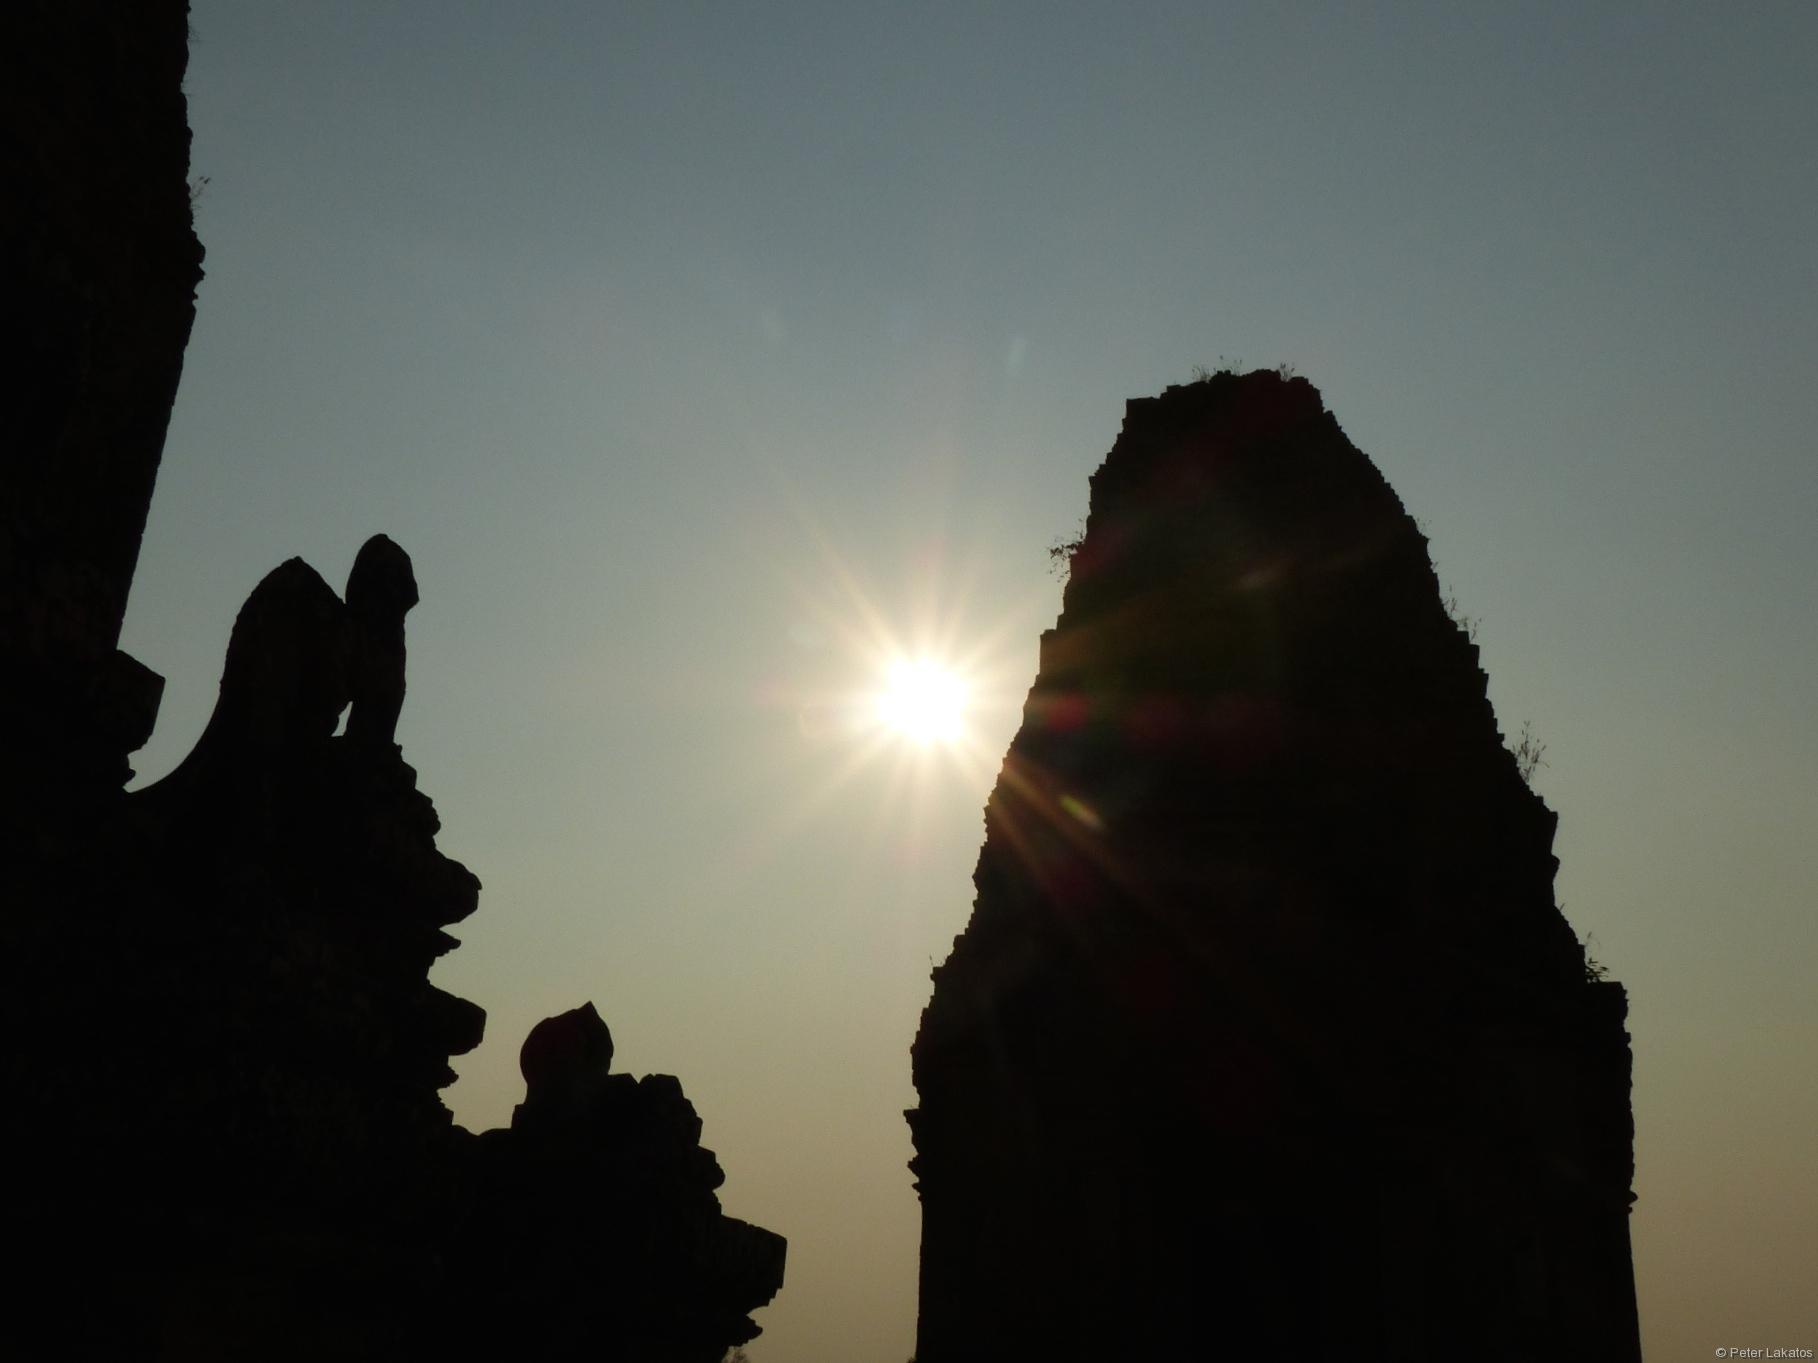 Auch beim Sonnenuntergang waren wir nicht alleine...